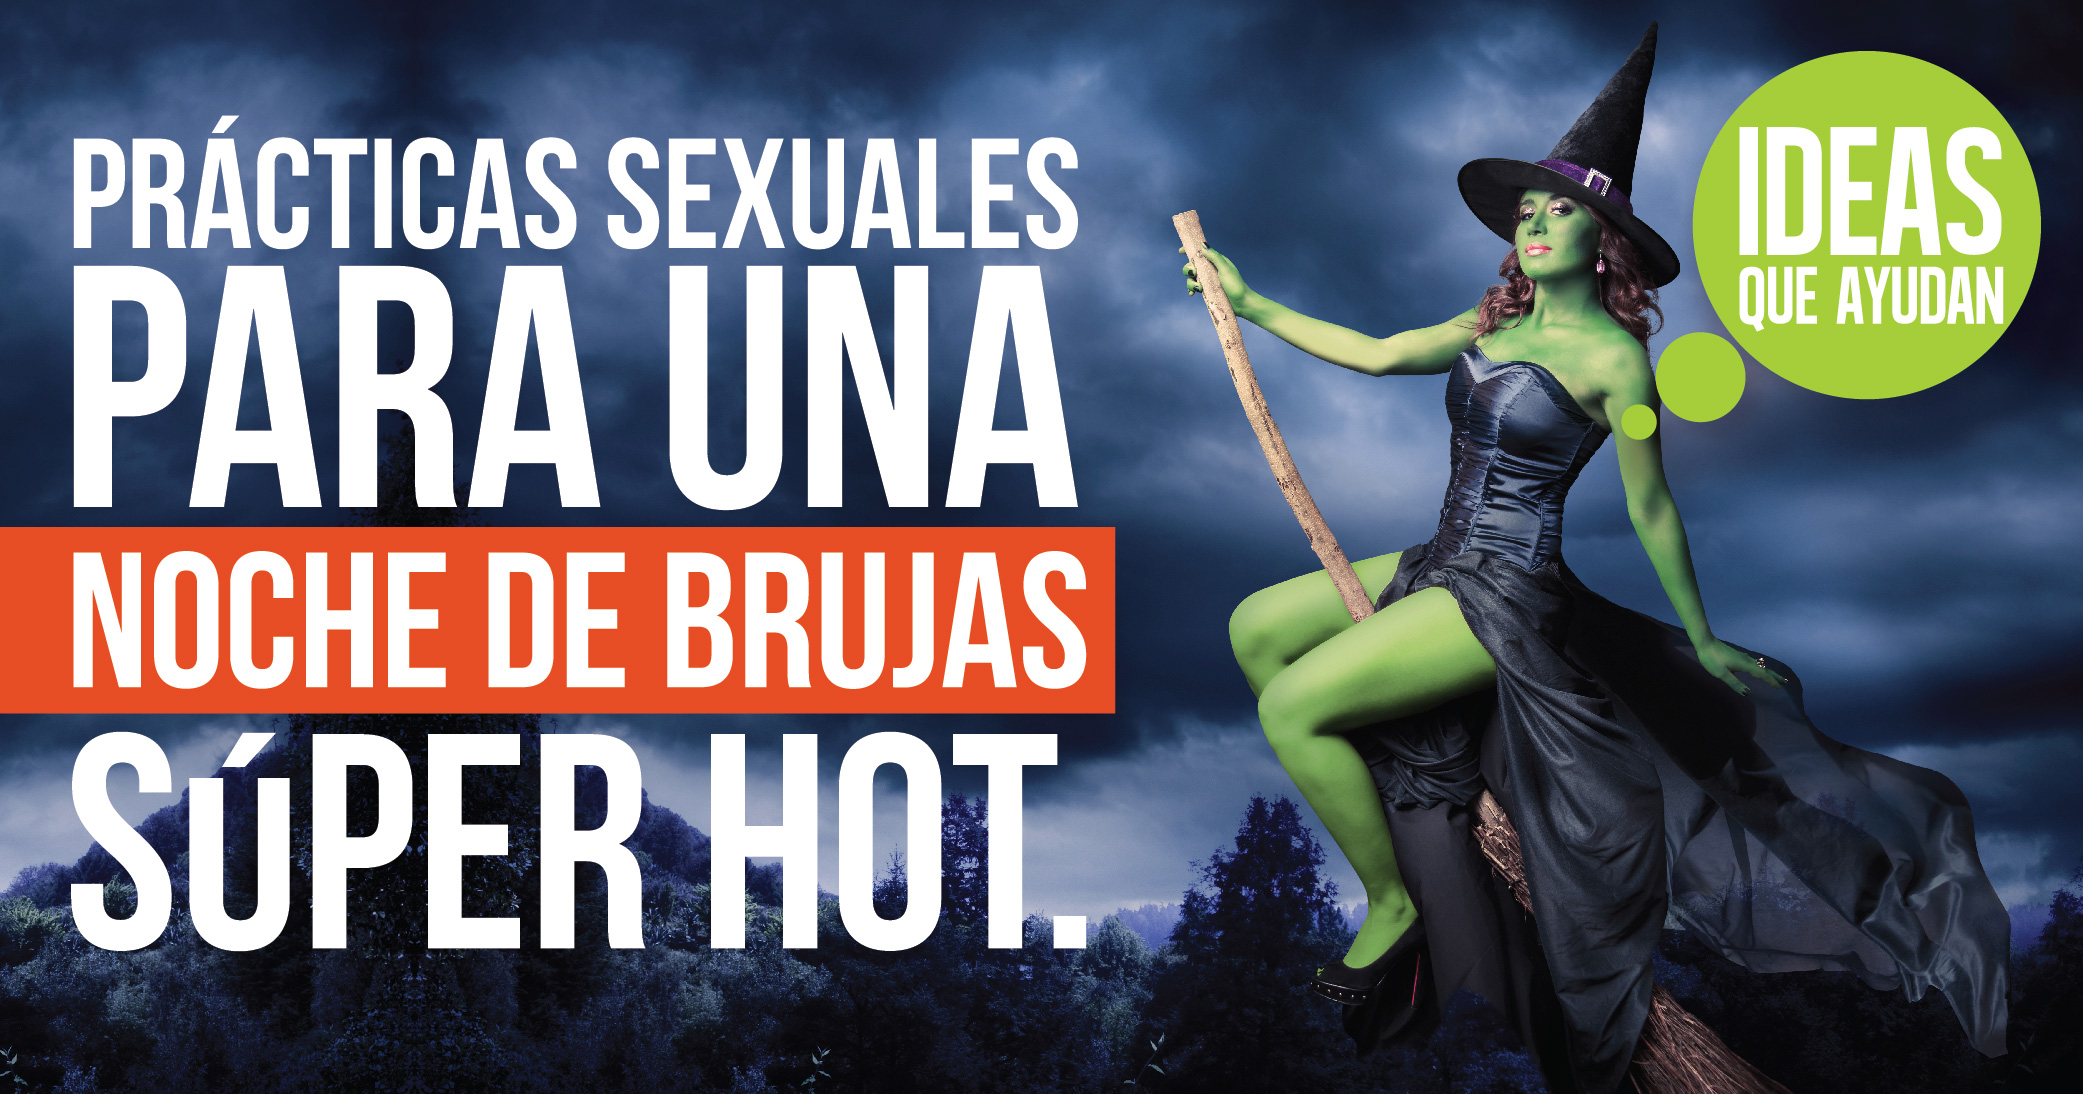 Practicas sexuales para una noche de brujas